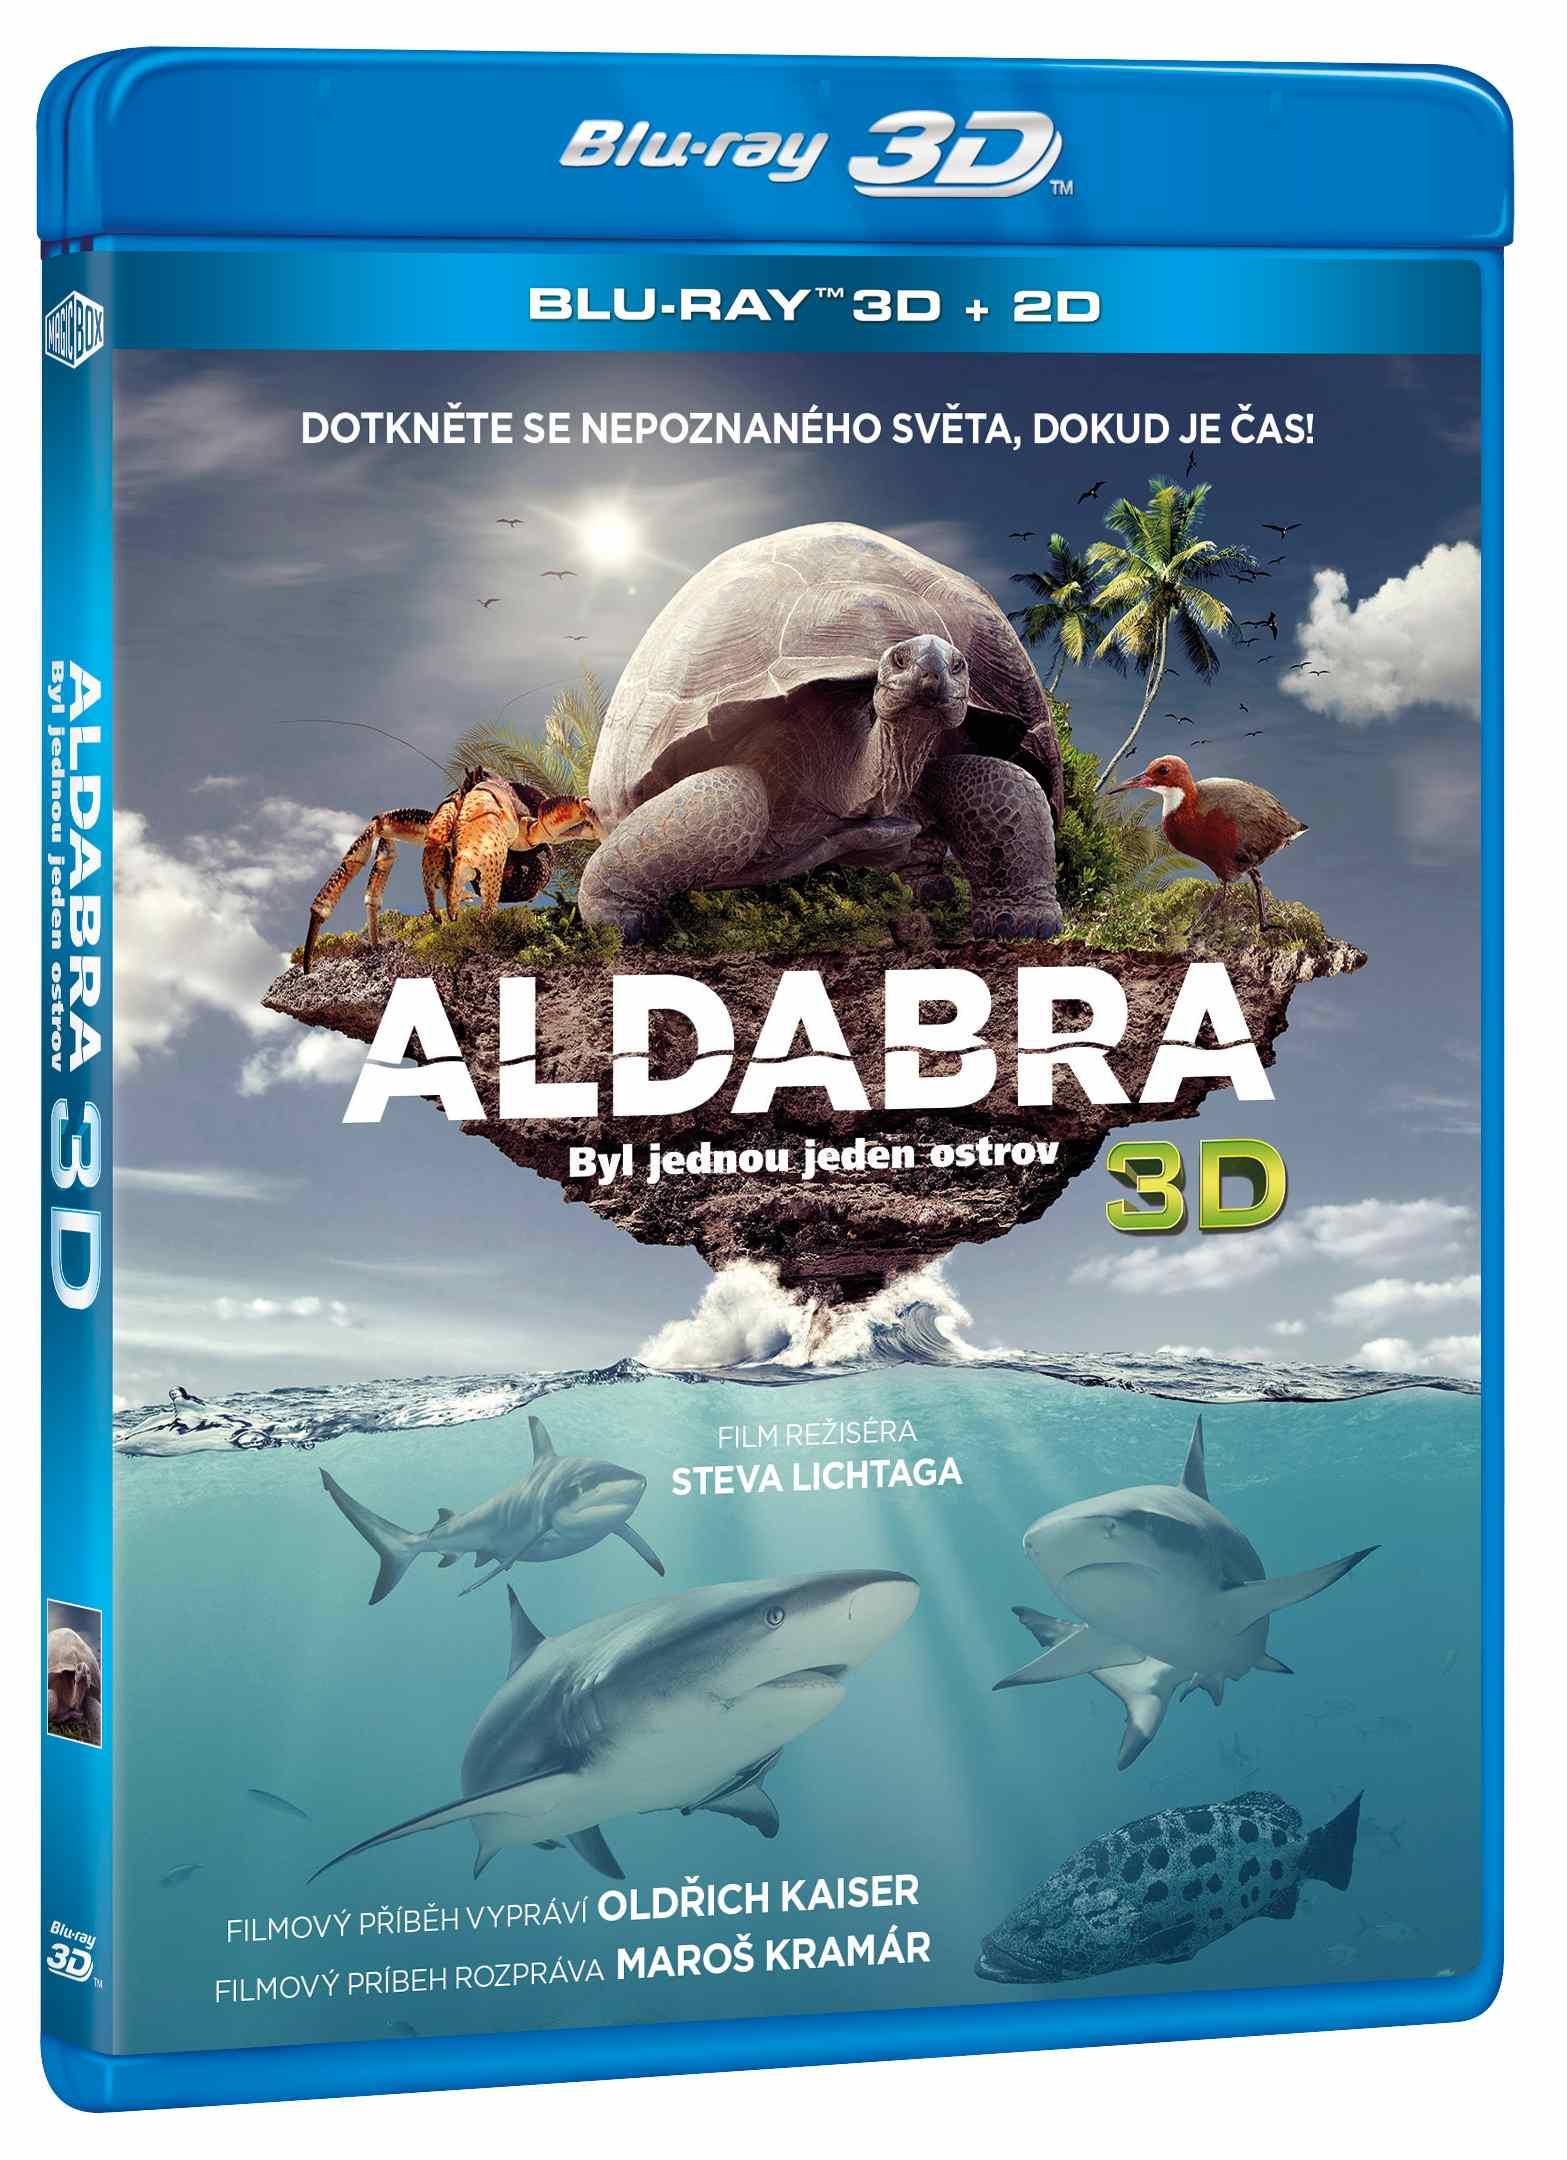 ALDABRA: BYL JEDNOU JEDEN OSTROV - Blu-ray 3D + 2D